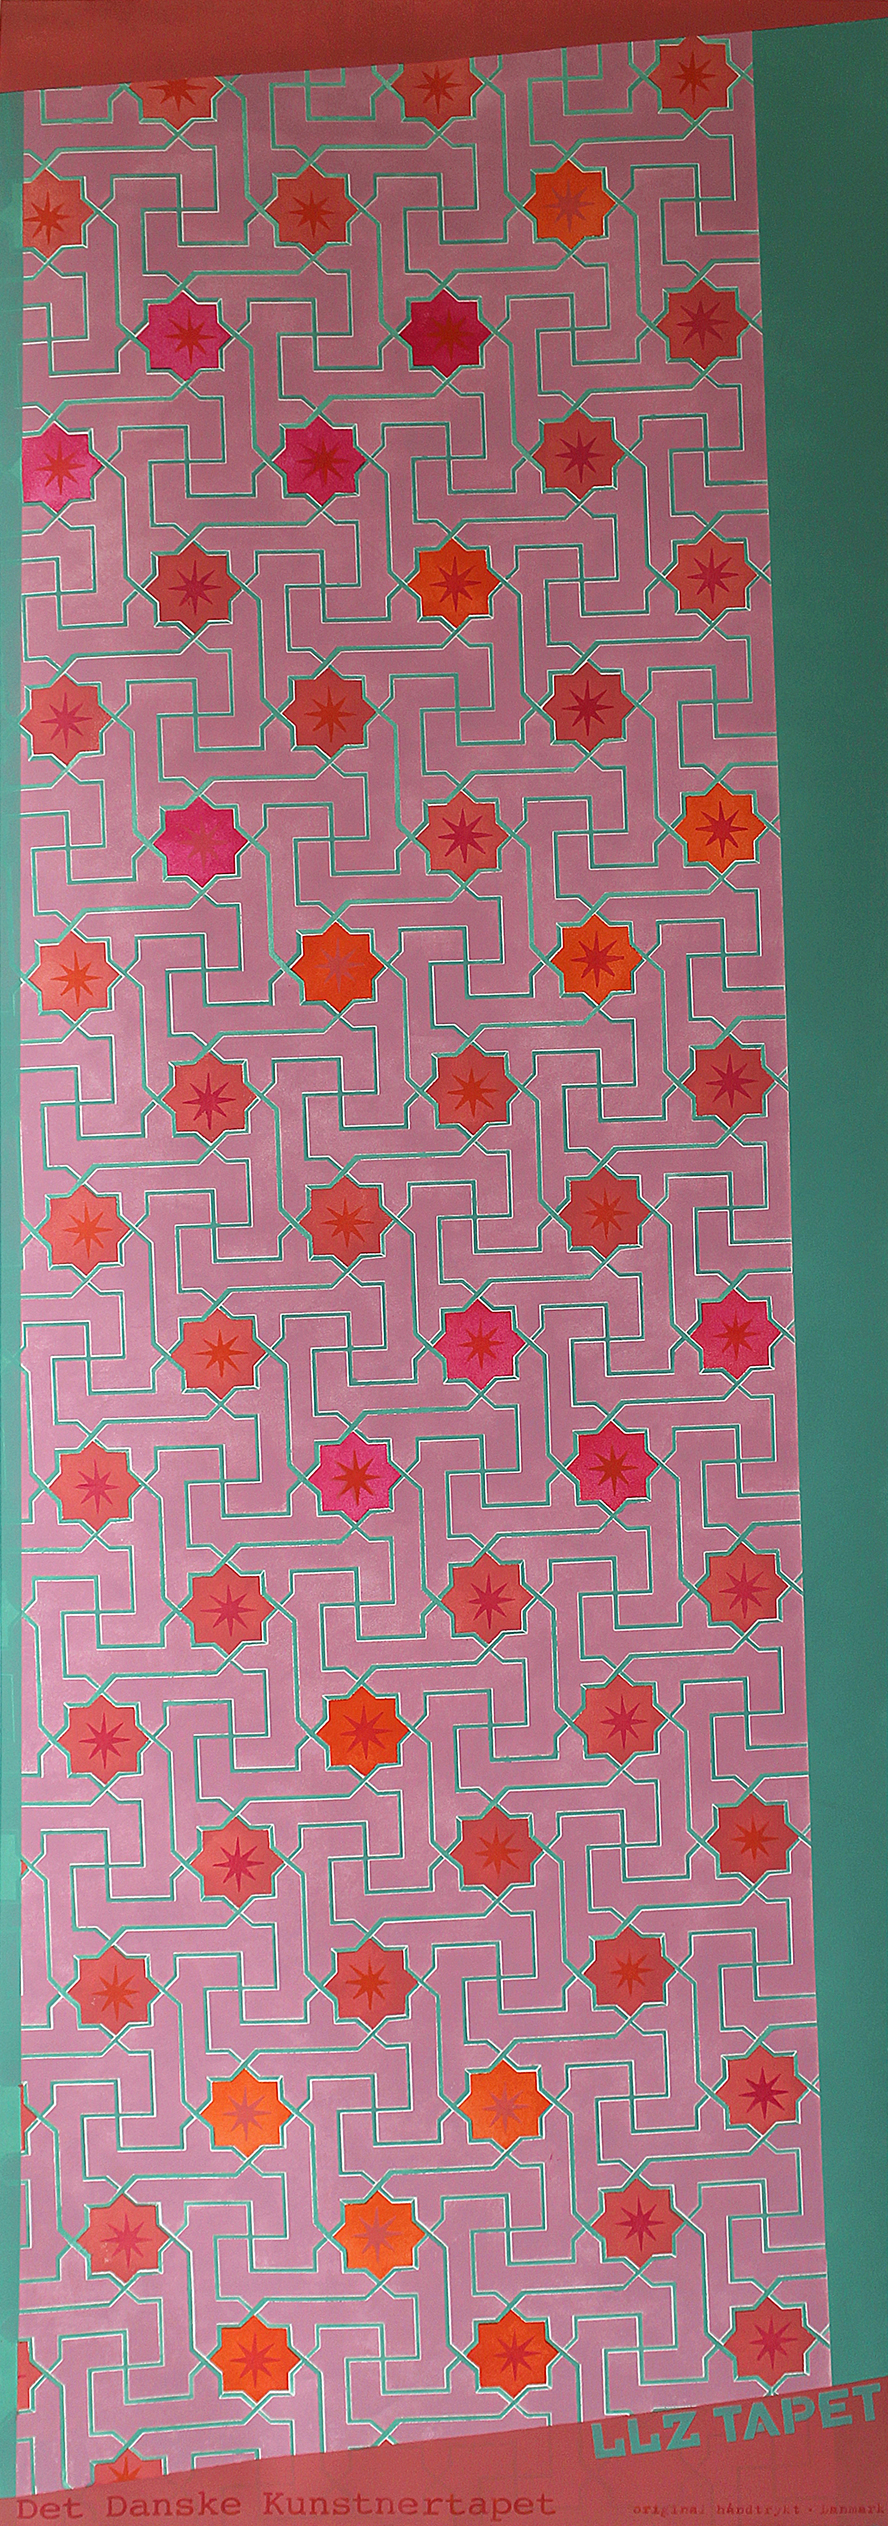 Willumsen og Alhambramønstret 11. Original håndtrykt på kraftig nonwoven tapetpapir med plastmaling. Måler 56 x 160 cm. Prisen er 1.700,-